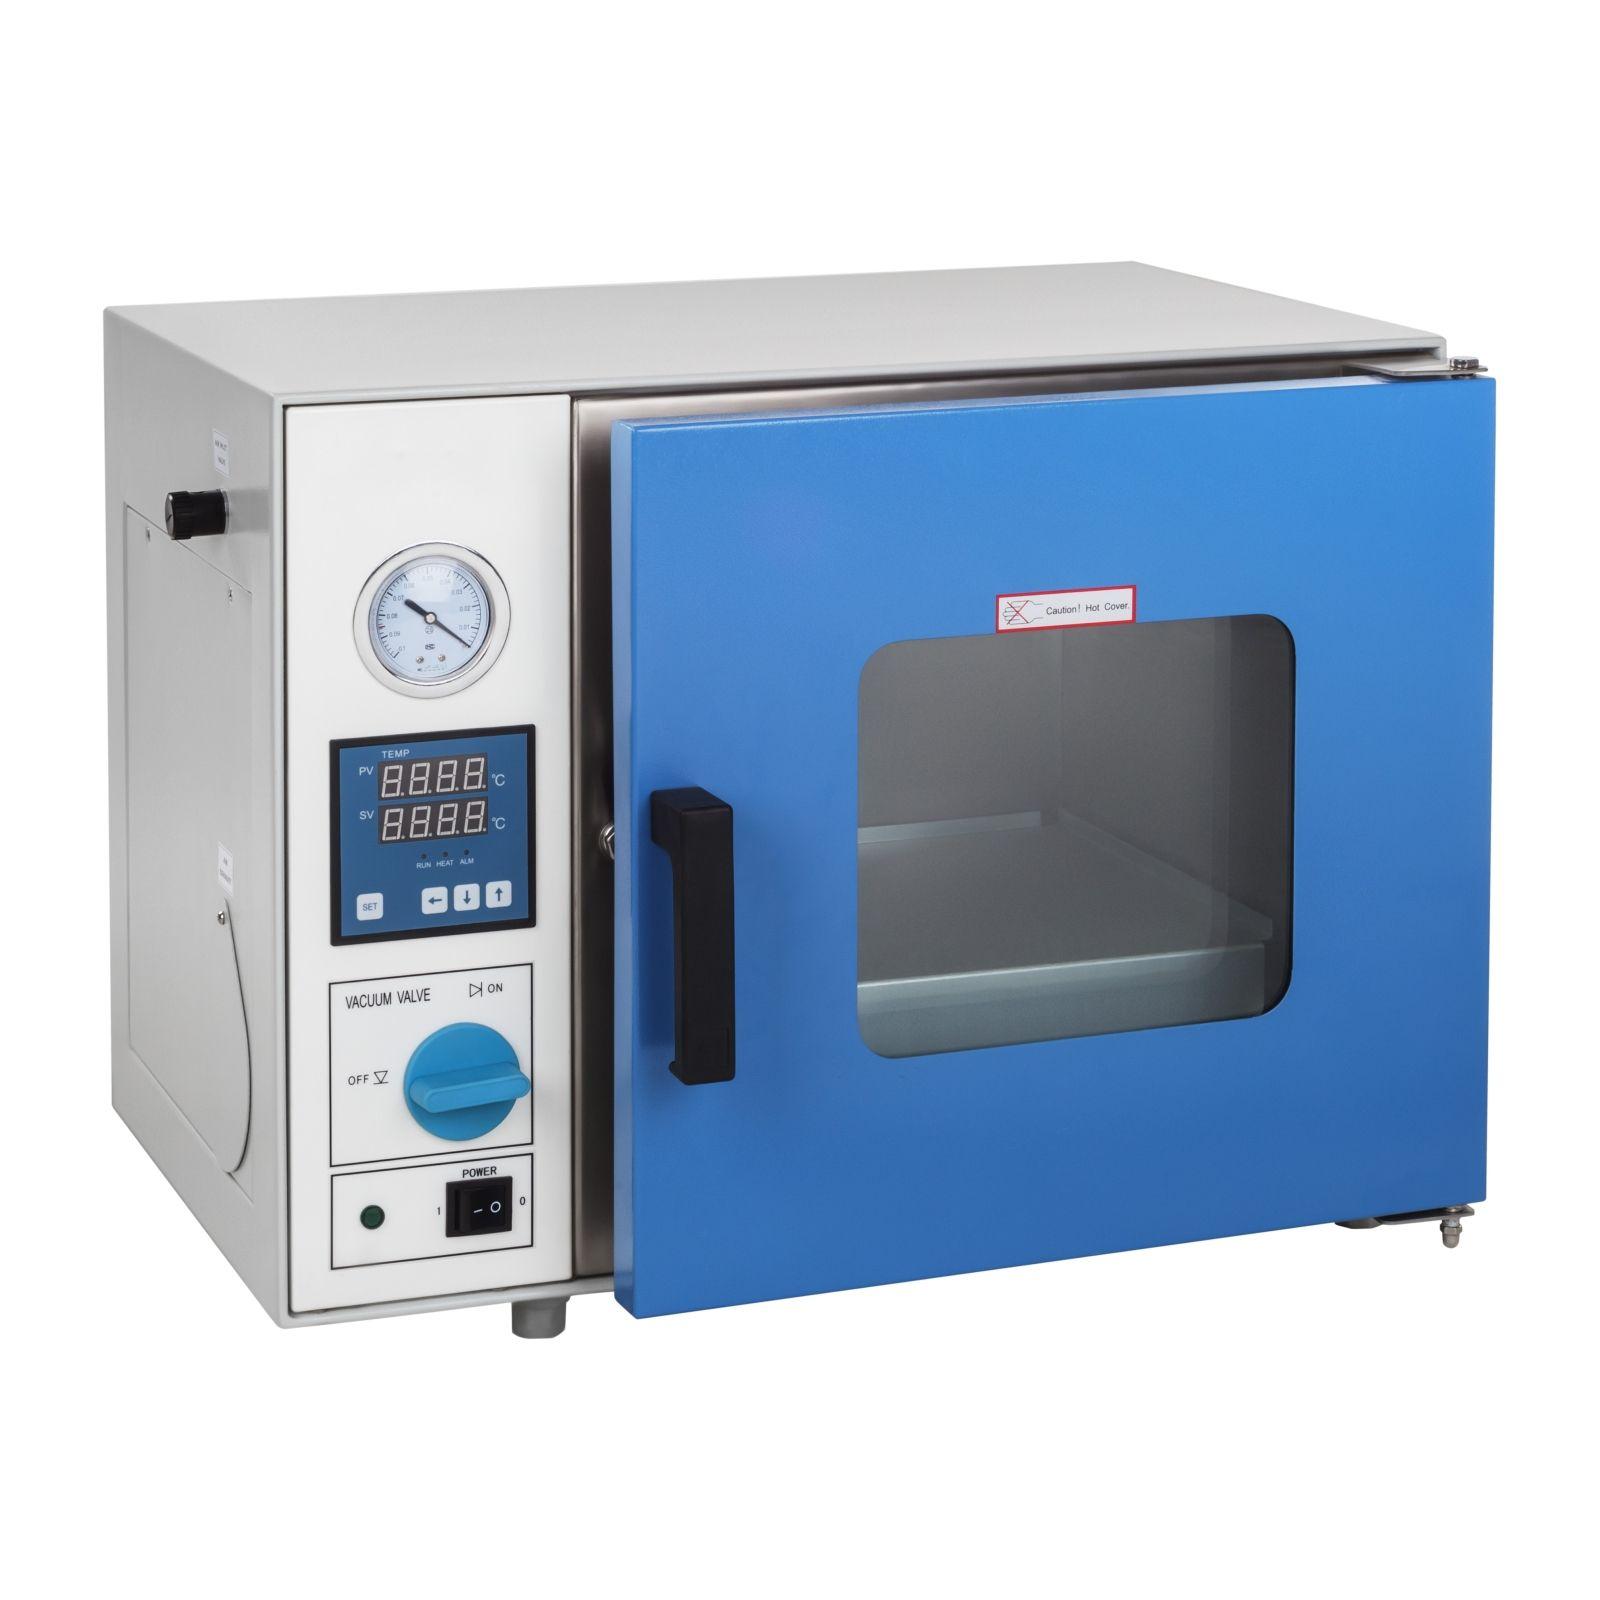 goldbrunn essiccatore sottovuoto ad armadio - 1.450 watt - per uso professionale